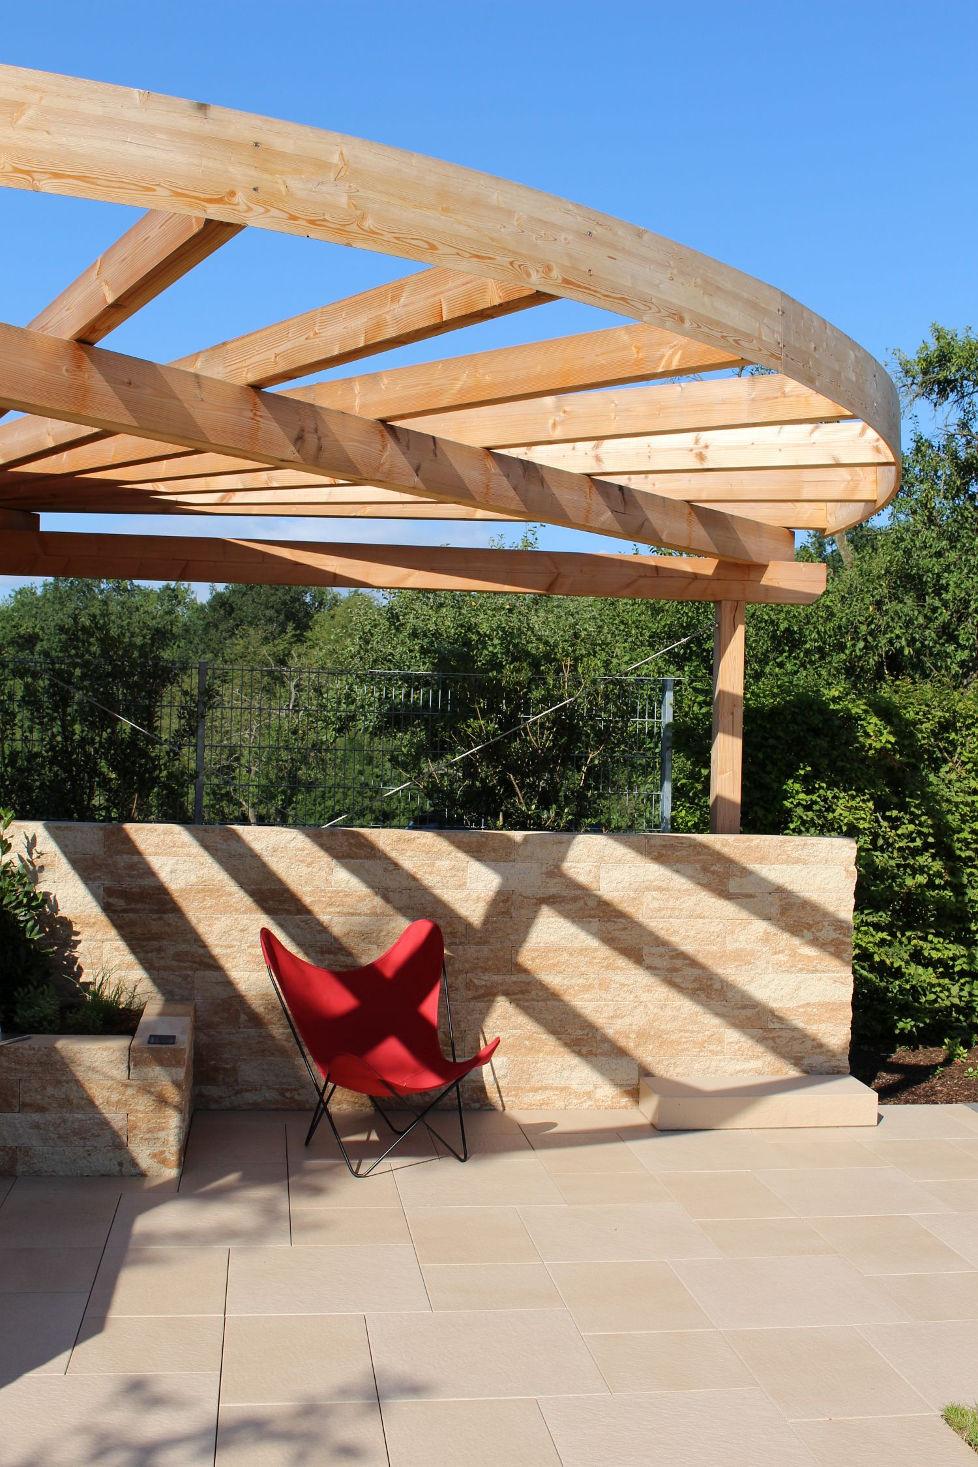 Roter Stuhl in mediterraner Terrassensituation mit Mauer und Holzpergola.